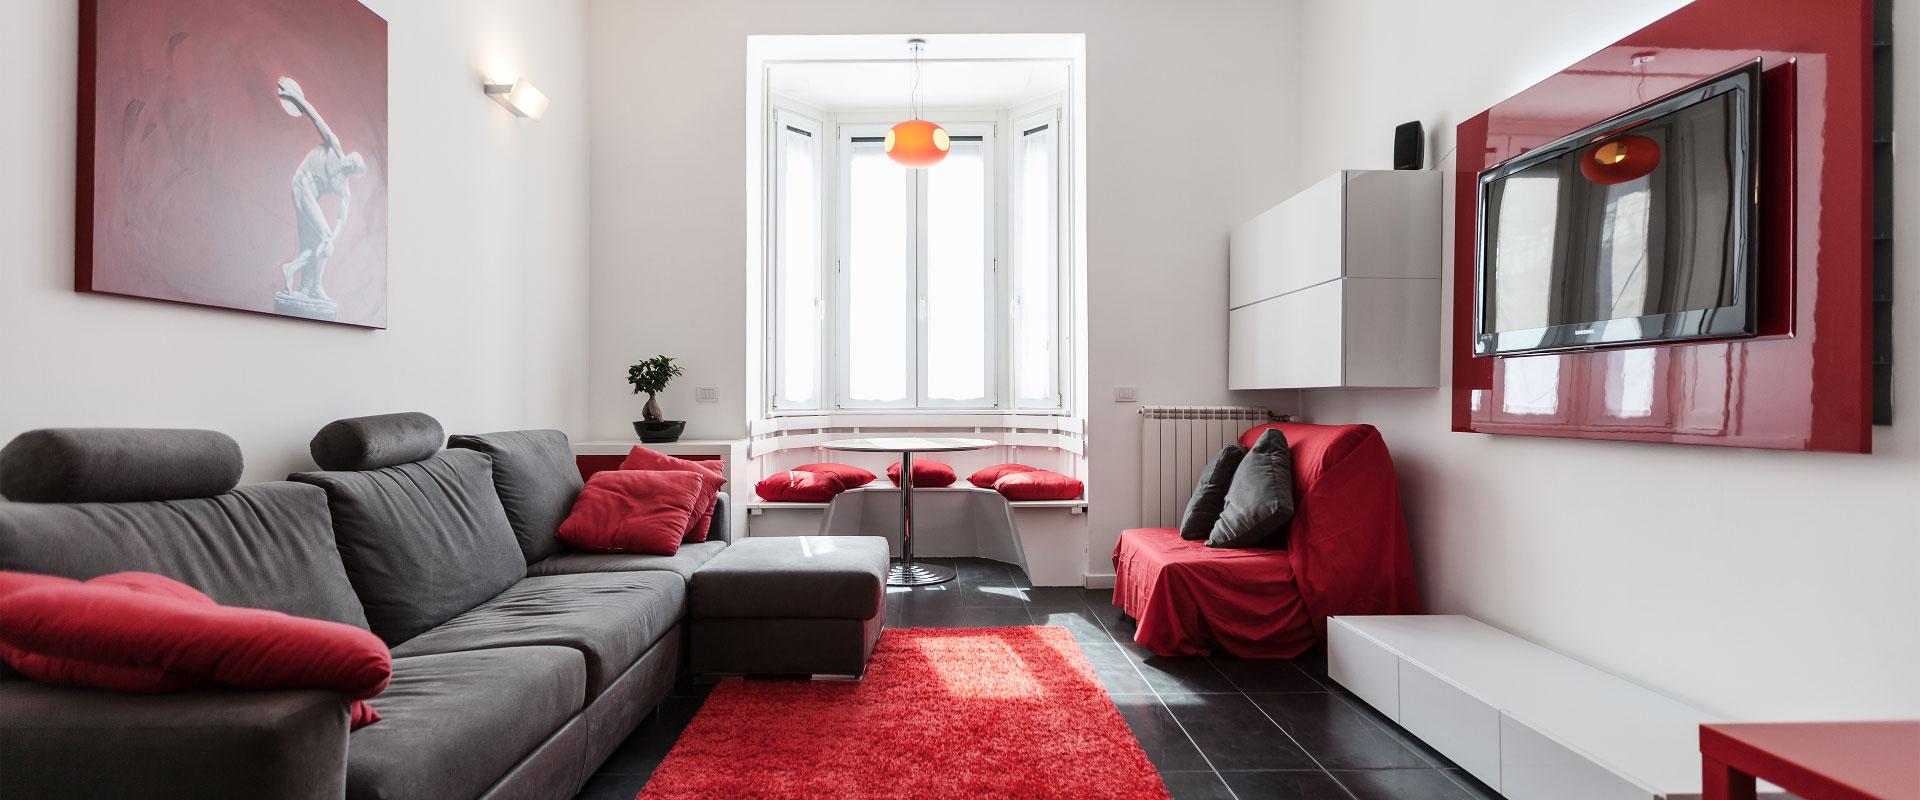 Milan apartments affitti brevi a milano appartamenti for Affitti milano centro